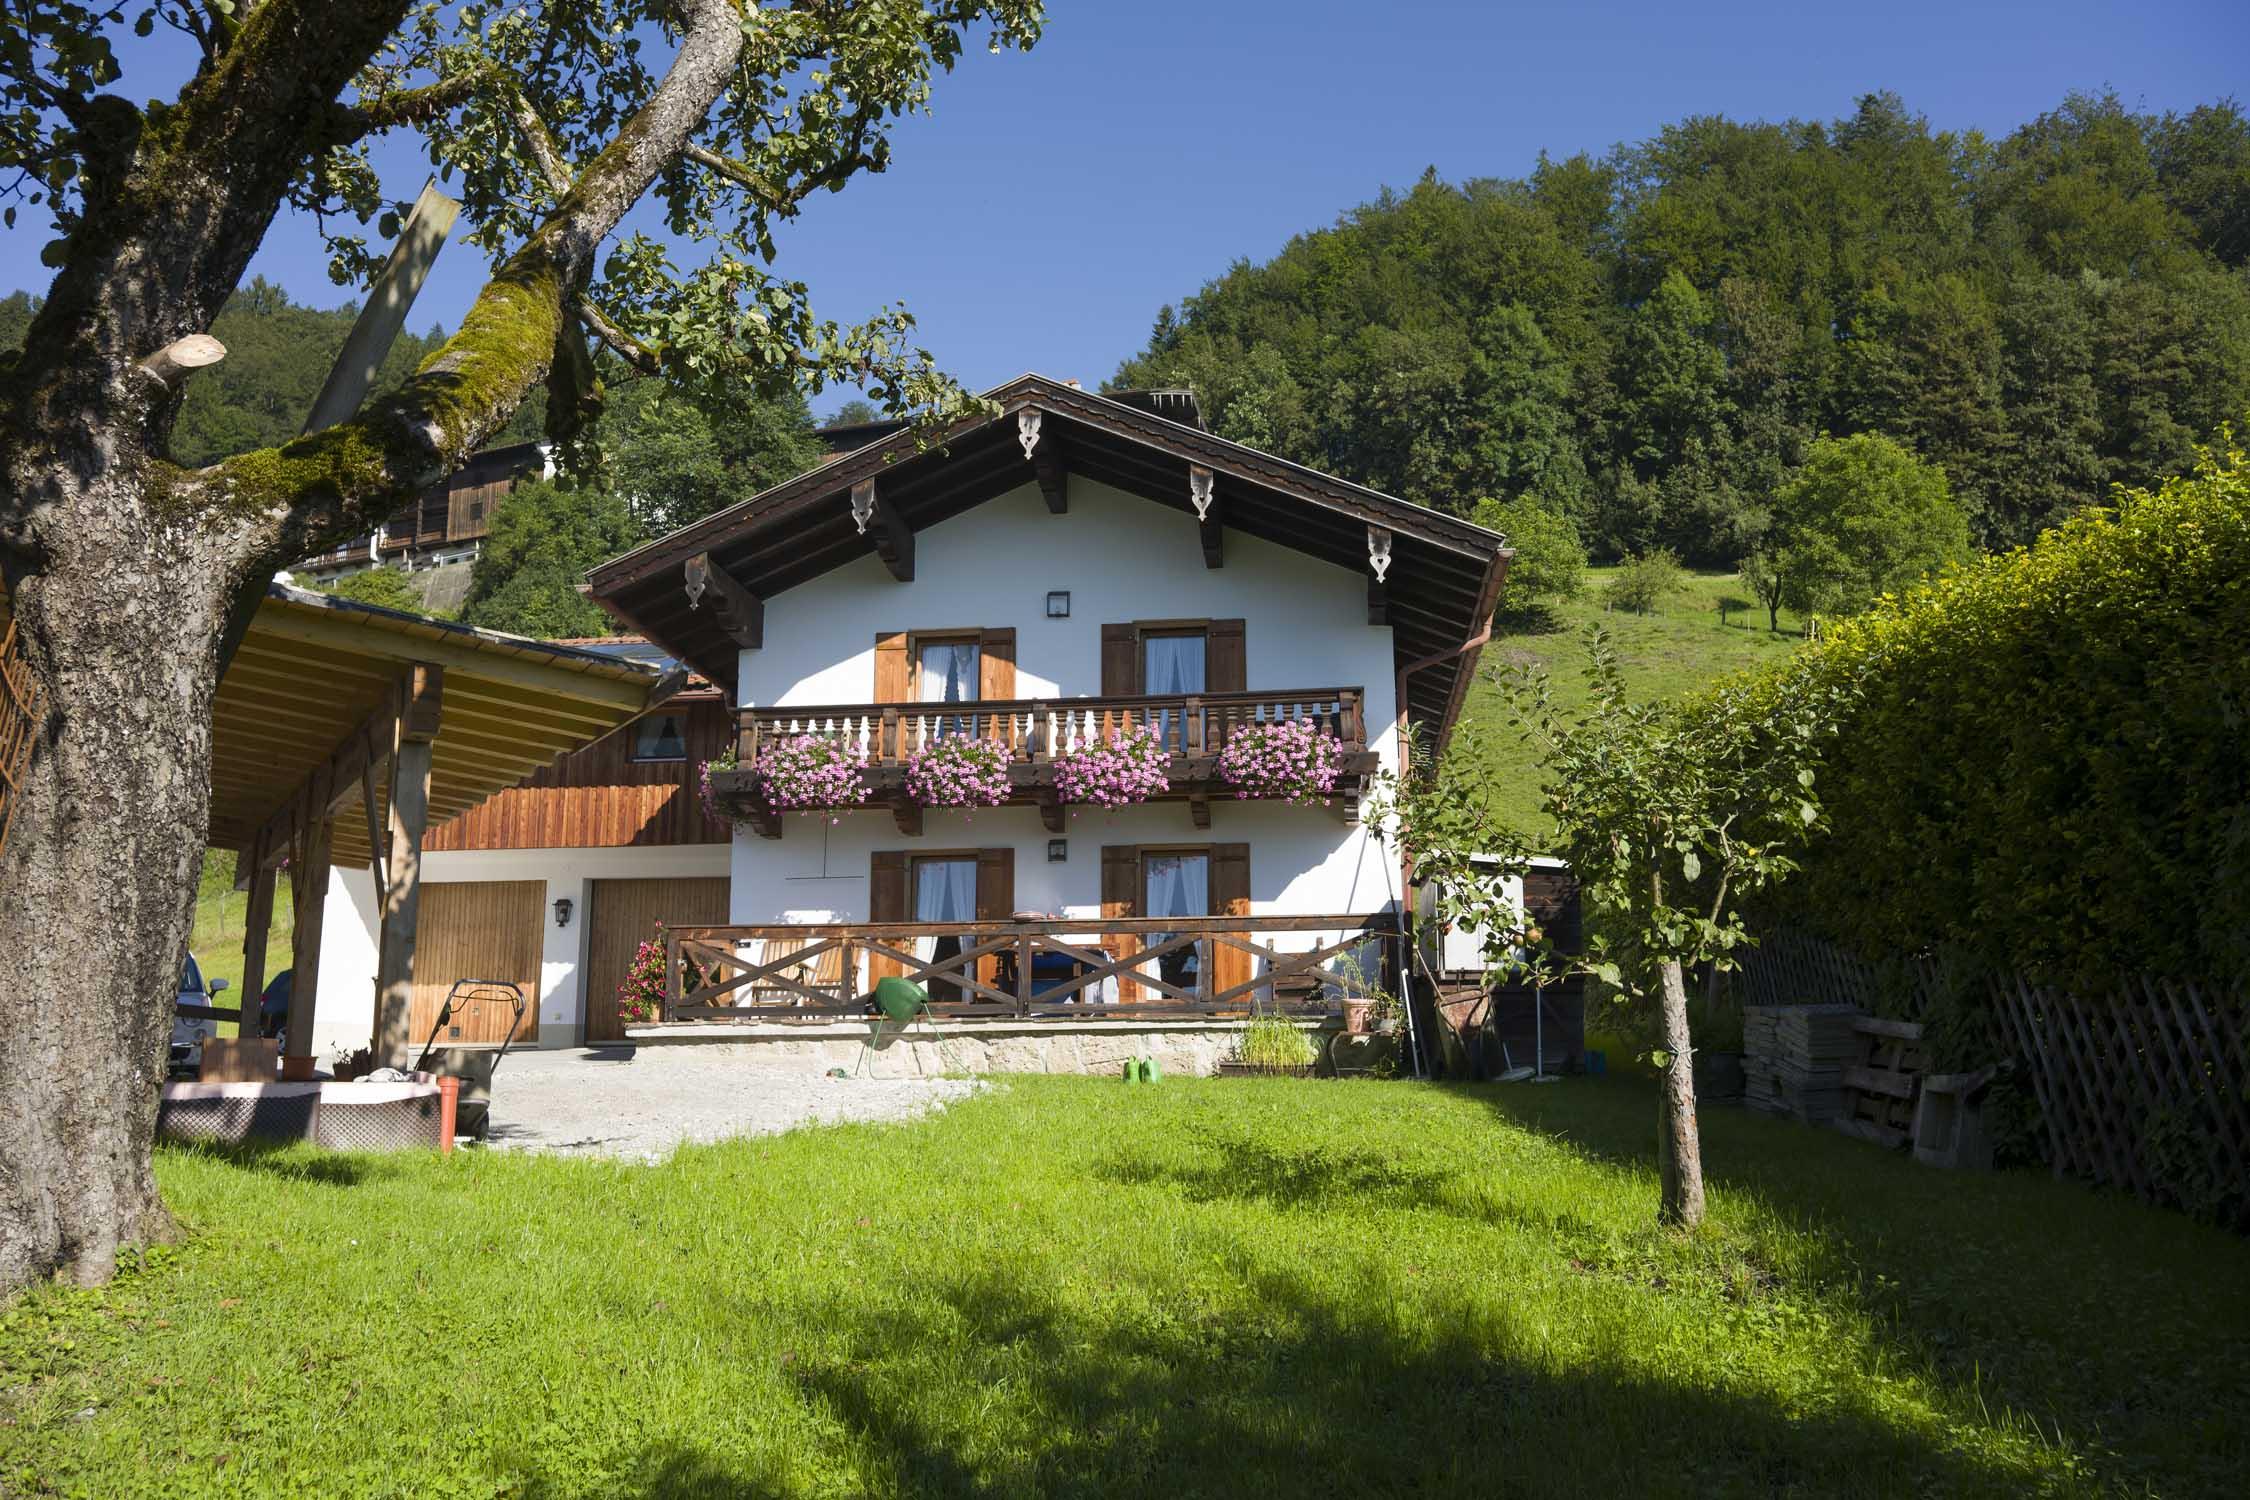 Ferienwohnung Berggasthof Hummelei (DE Oberaudorf). Ferienwohnung bis 4 Personen (711721), Oberaudorf, Chiemgau, Bayern, Deutschland, Bild 8